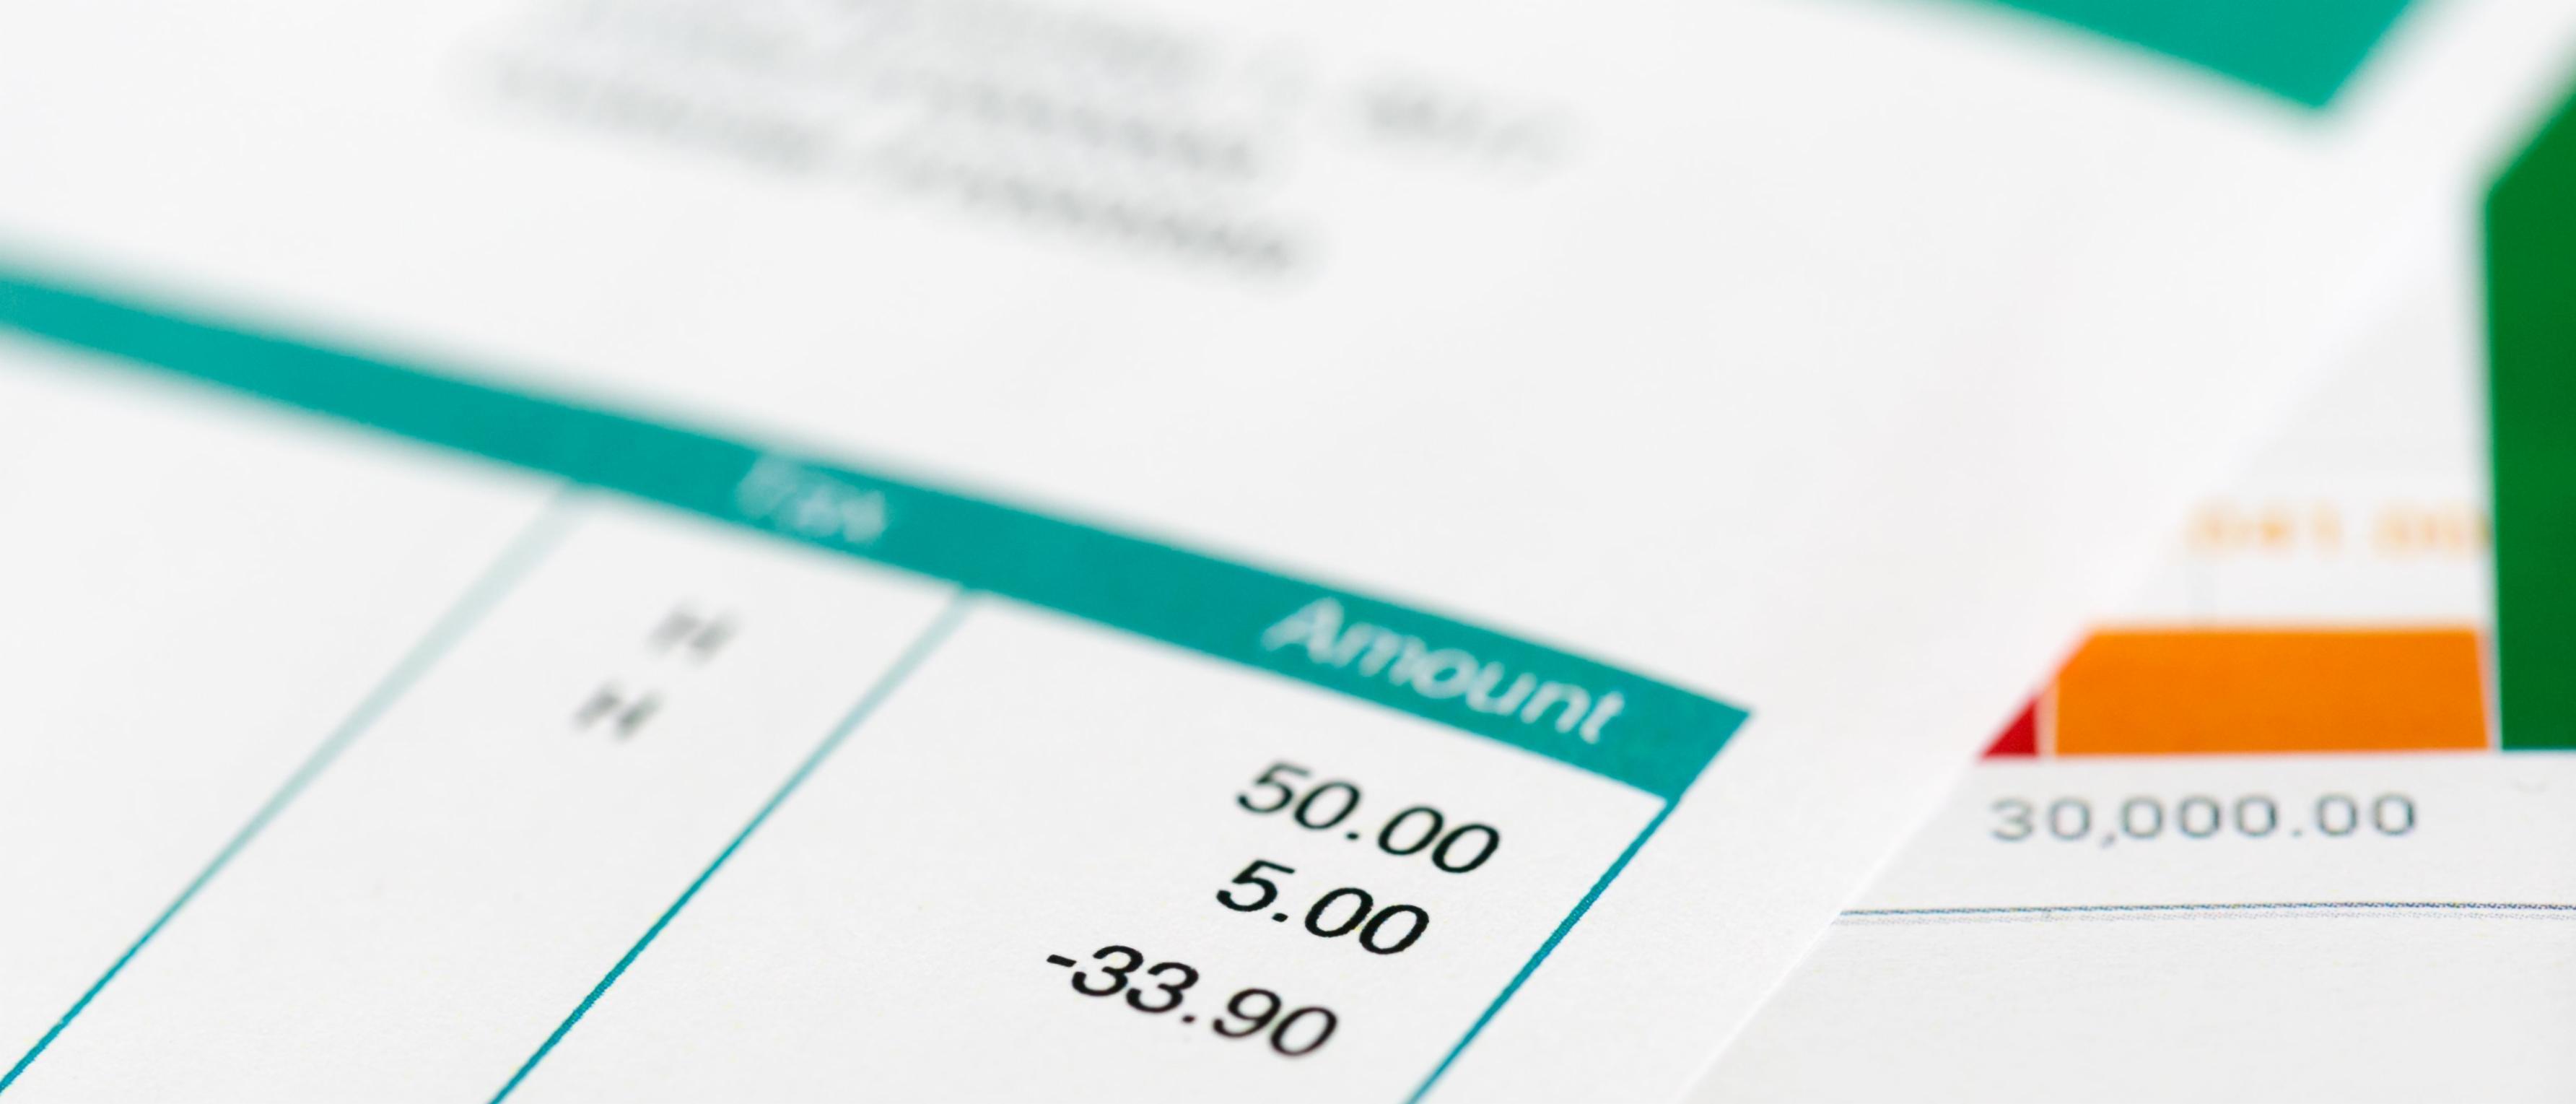 custom-Custom_Size___bills-and-bill-payment_4460x4460